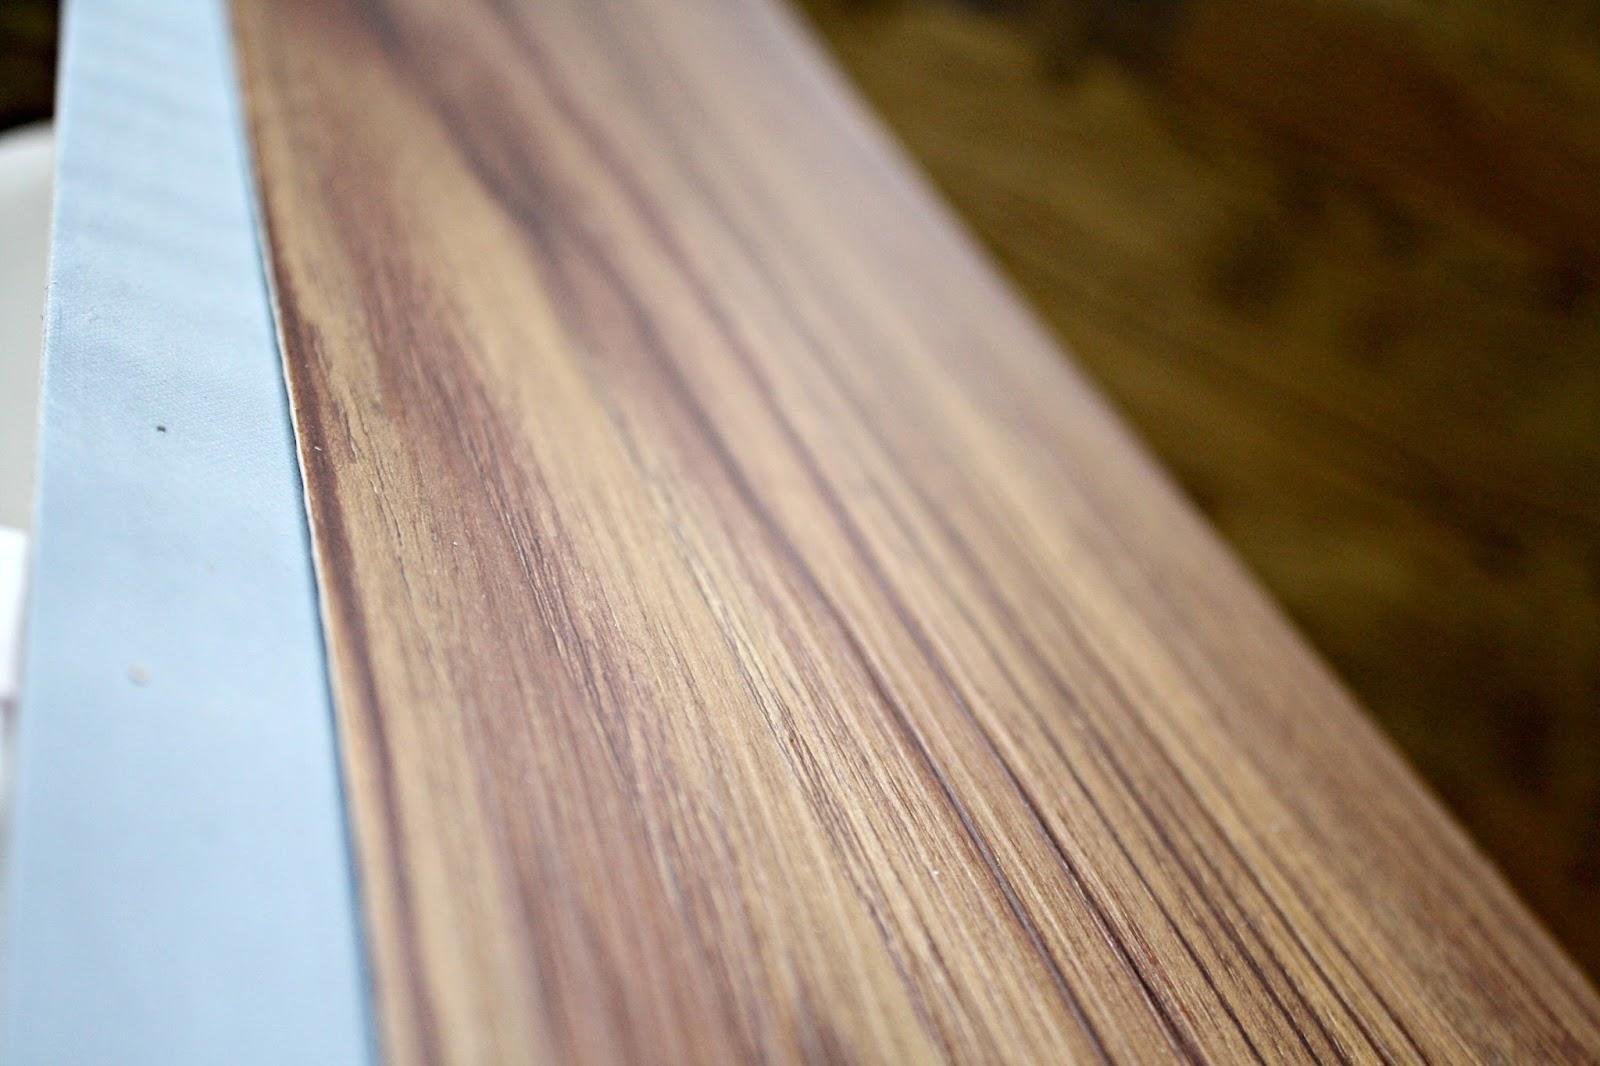 Vinyl flooring looks like wood wood floors for Vinyl flooring that looks like wood planks